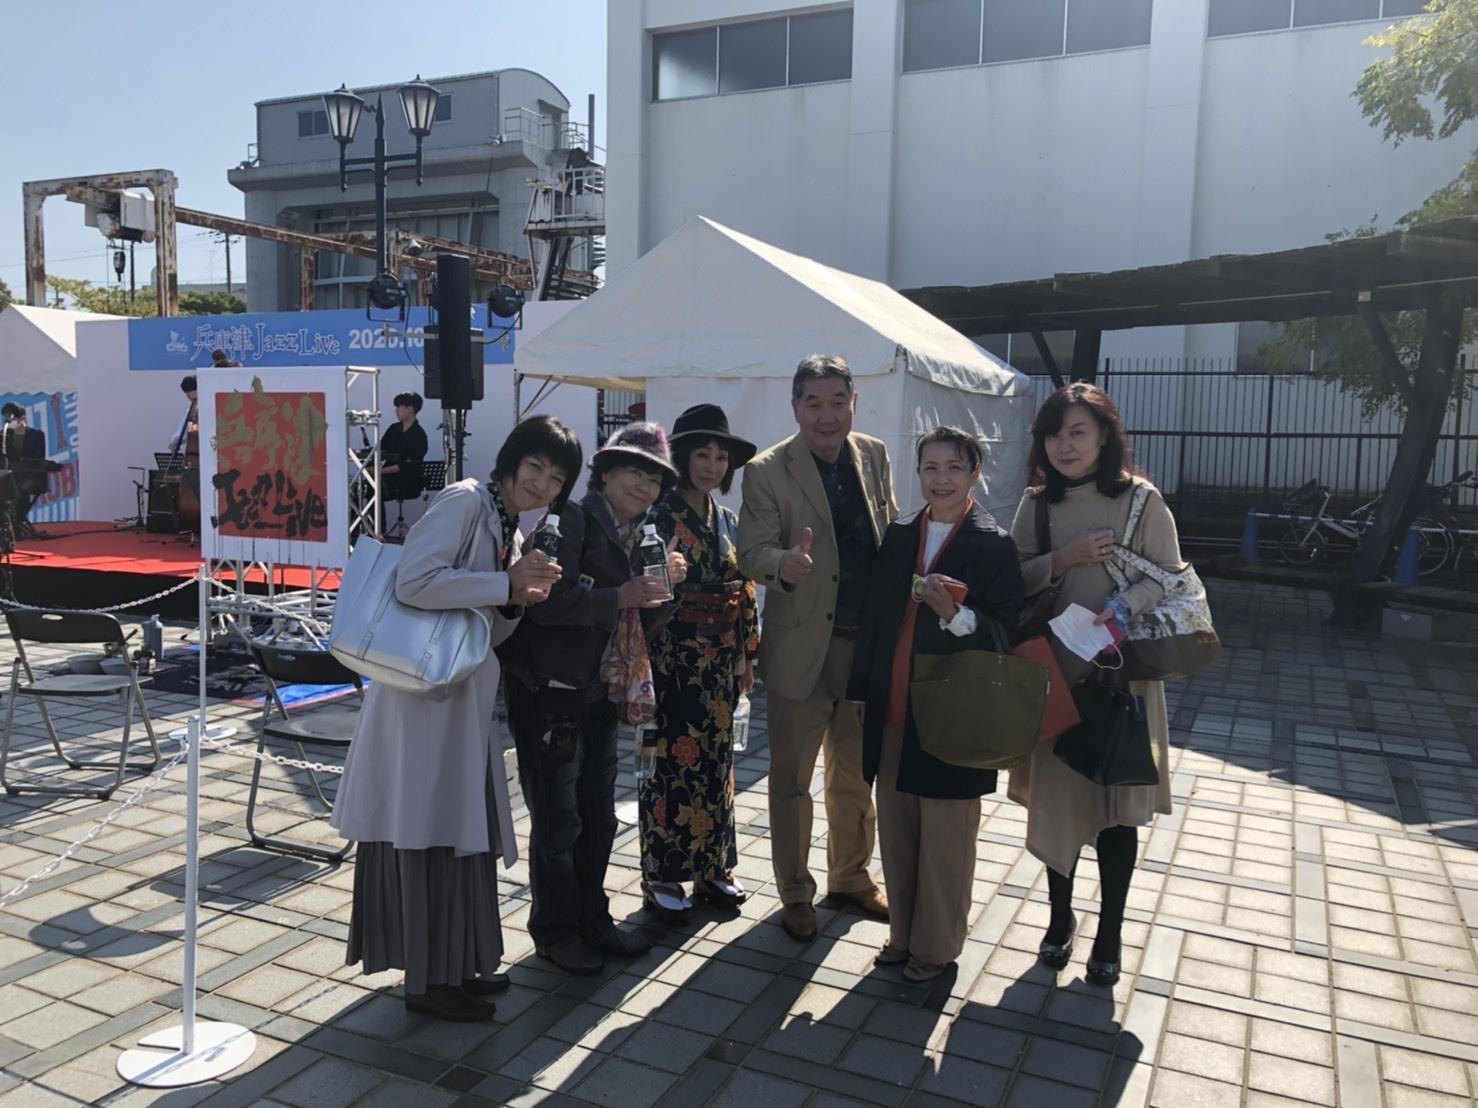 神戸から、秋晴れの下で「兵庫津Jazz Live」_a0098174_23033704.jpg